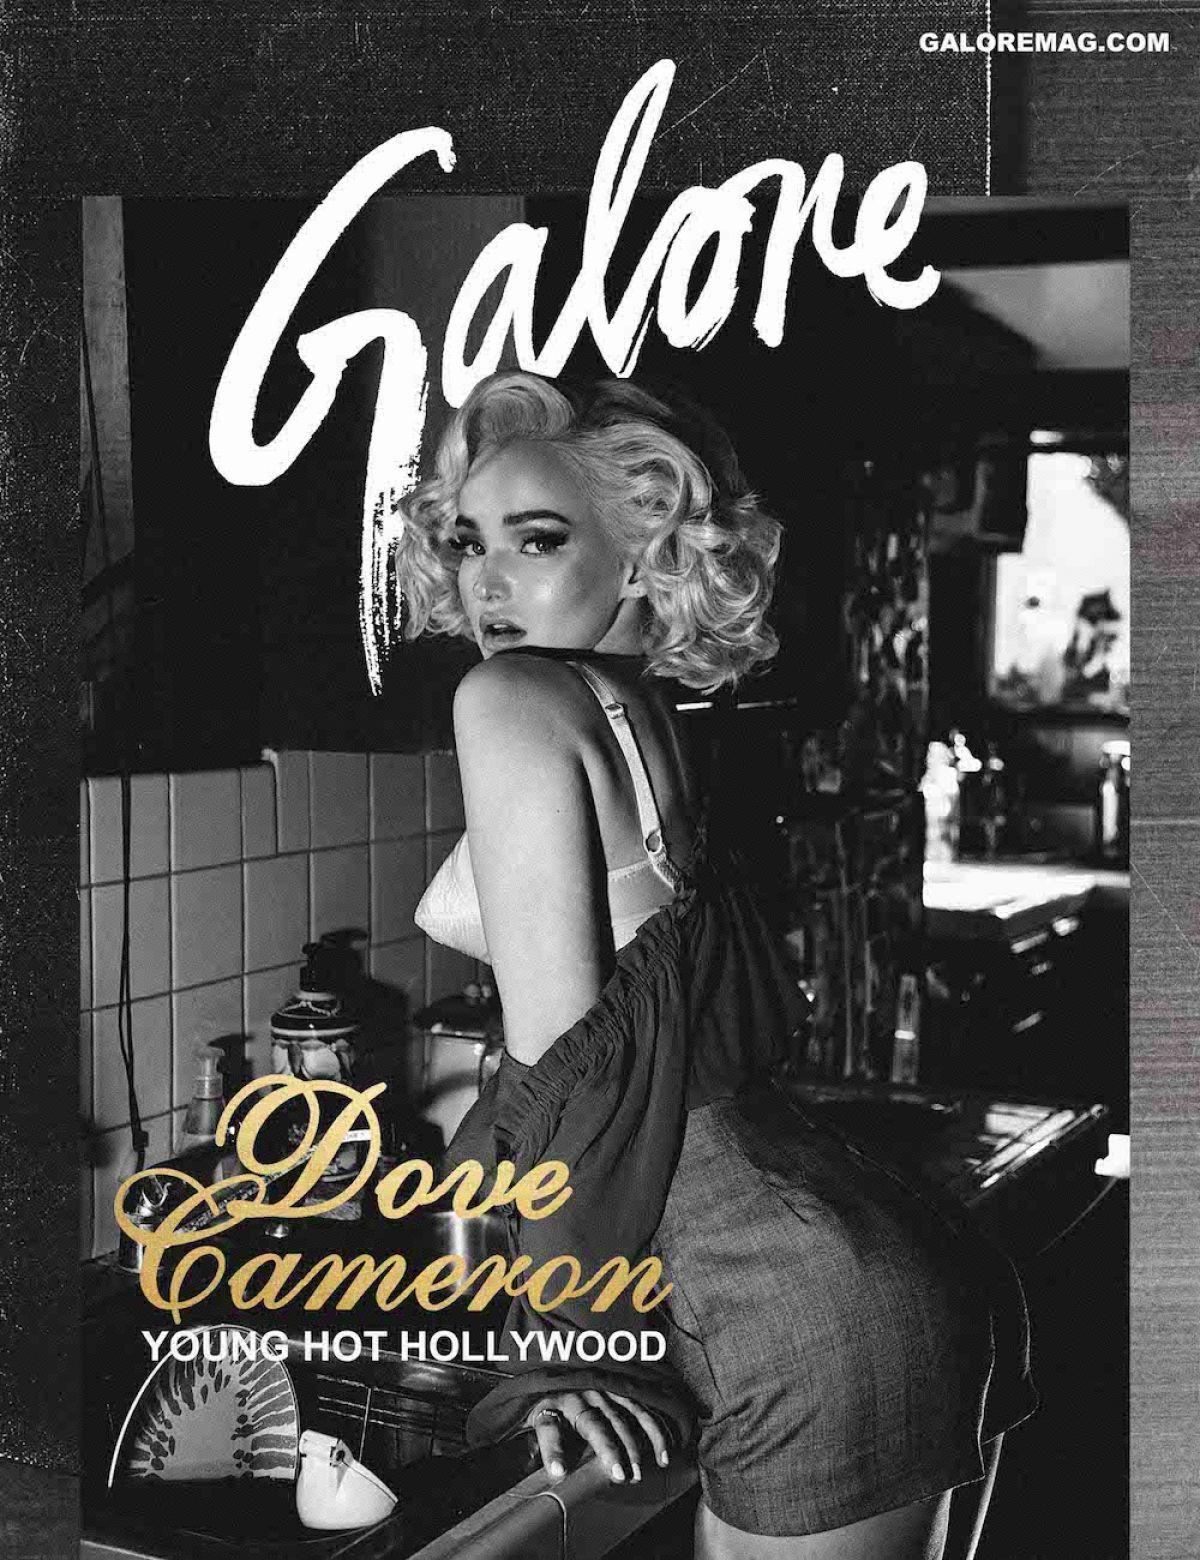 DOVE CAMERON in Galore Magazine, February 2017